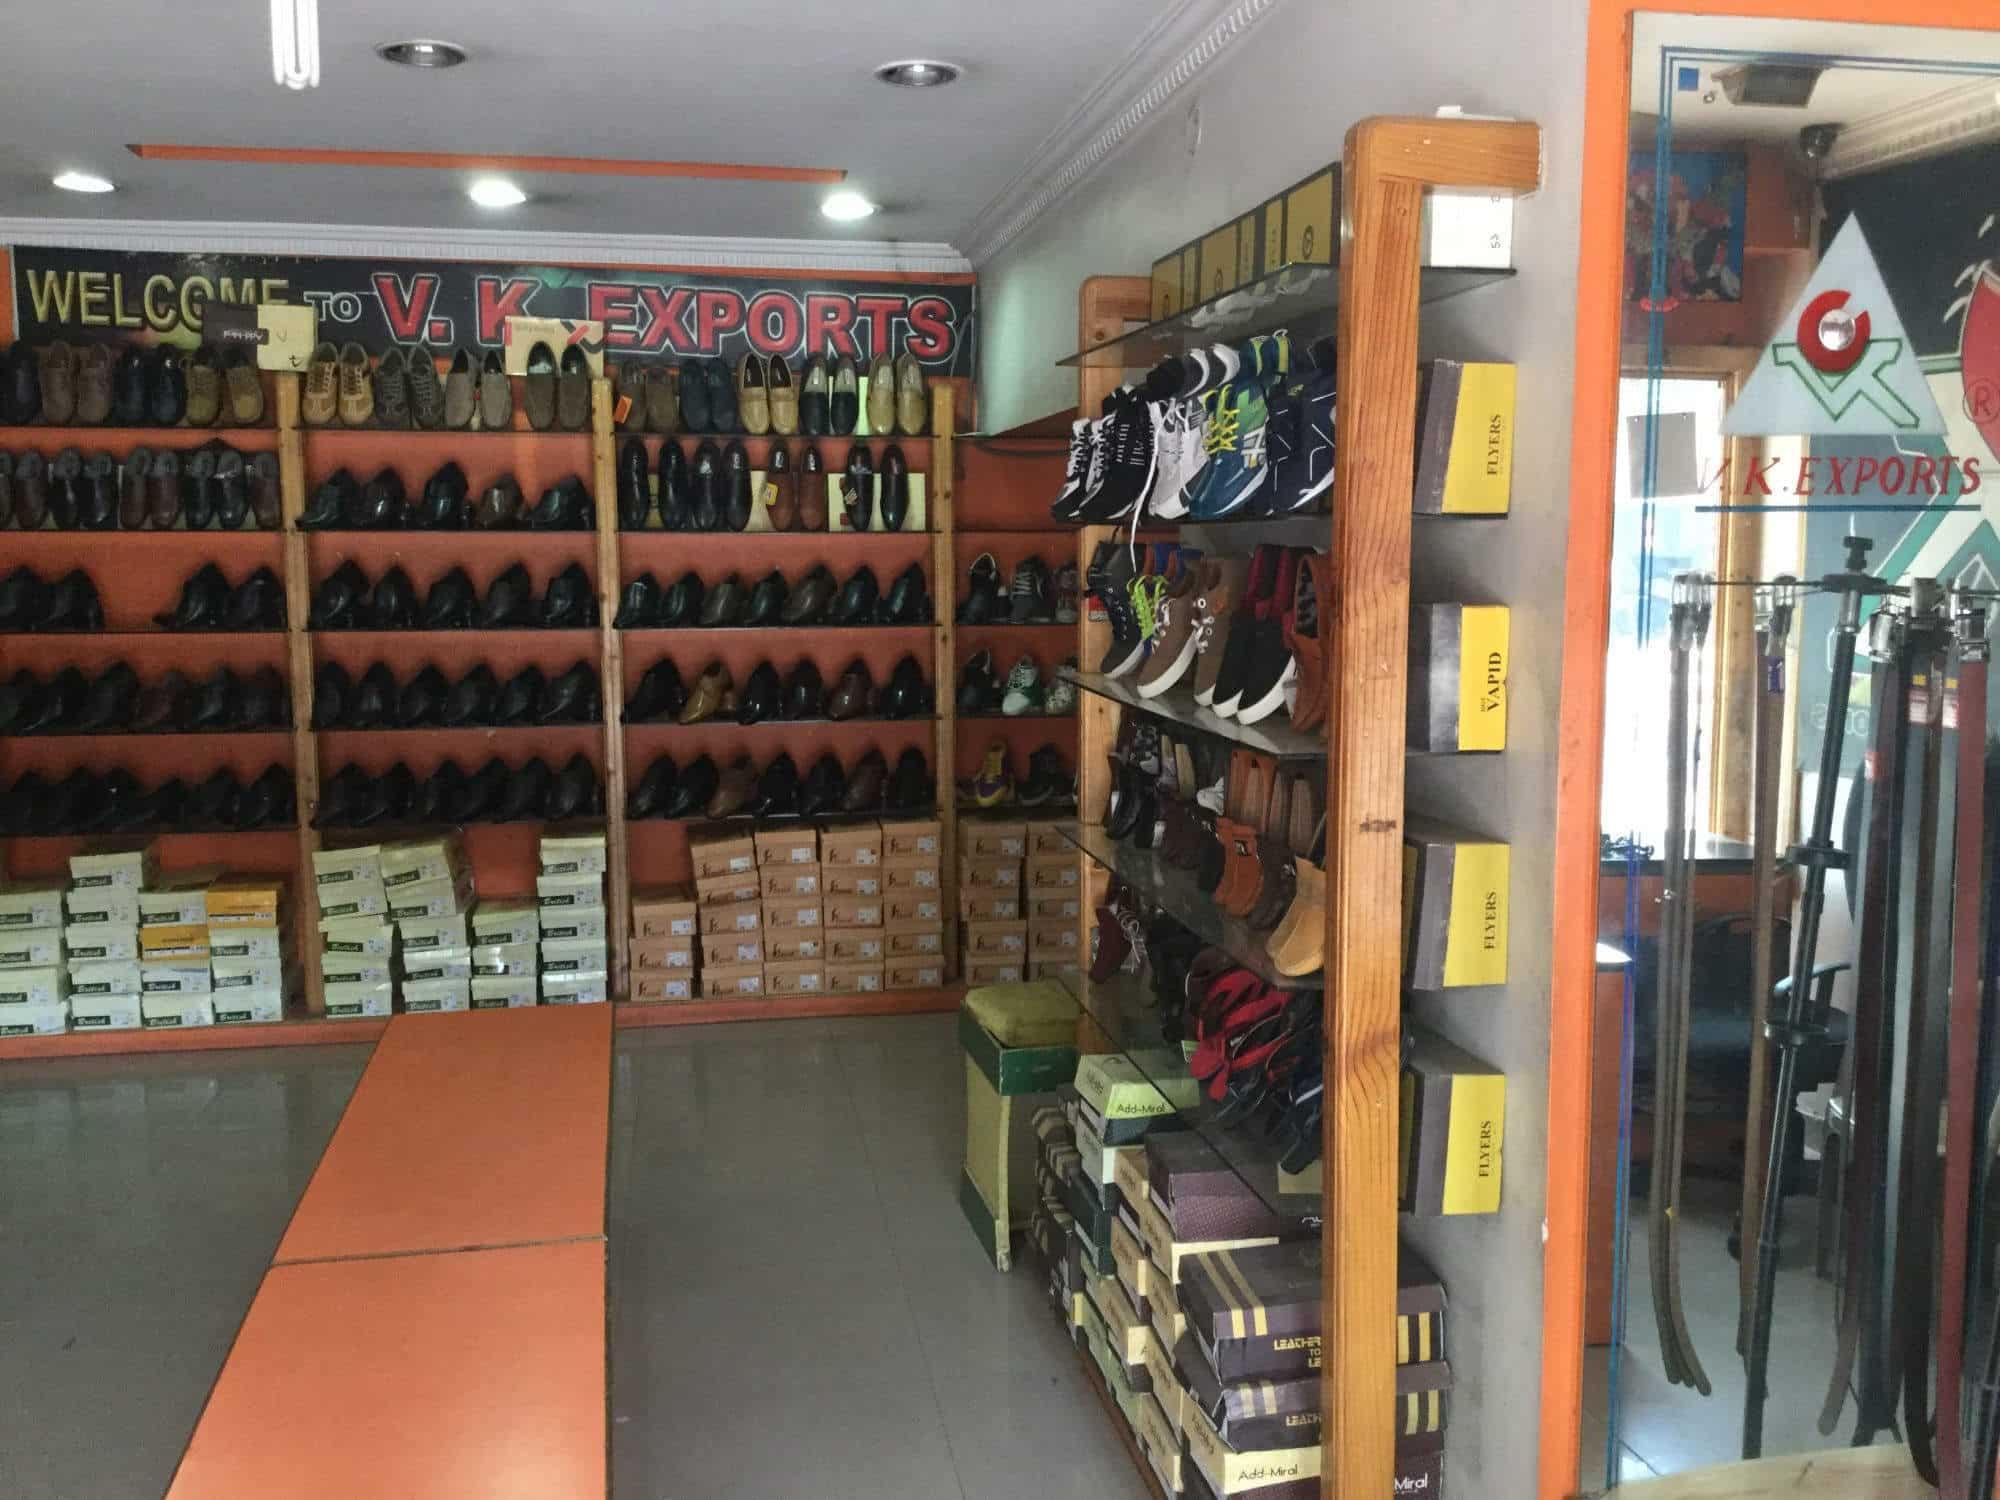 Vk Exports Photos, Rajajinagar, Bangalore- Pictures & Images